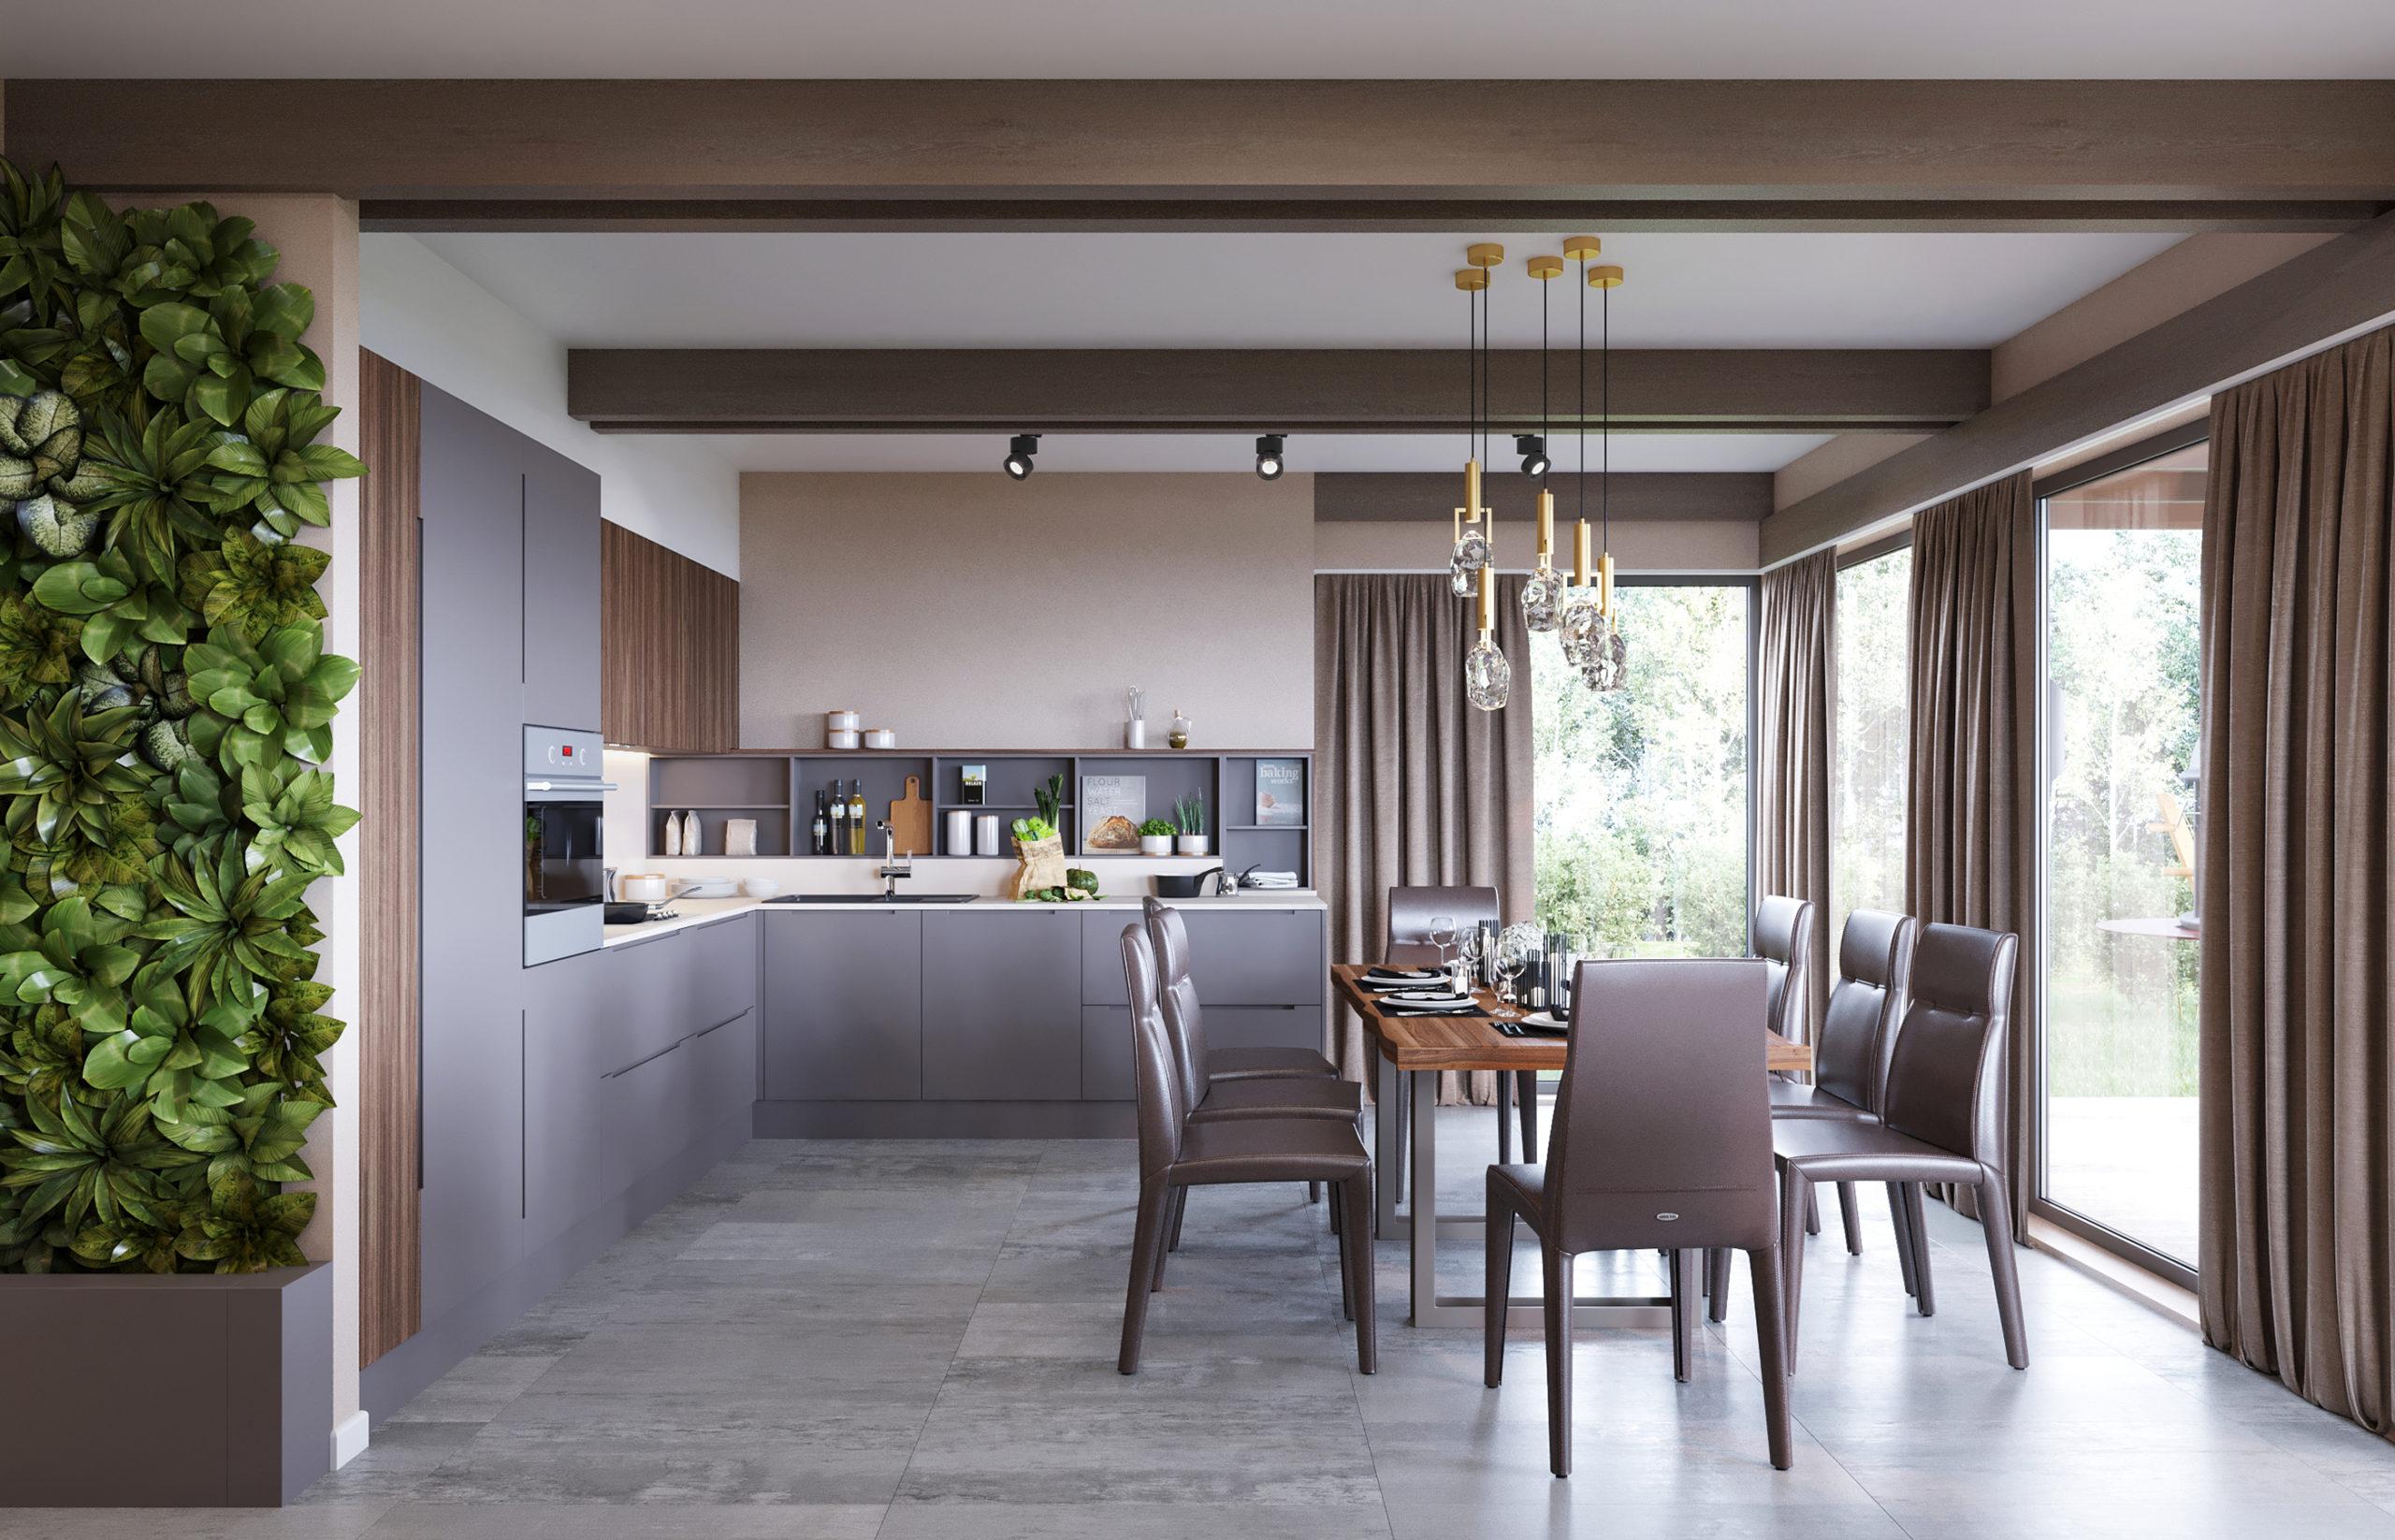 Кухонная мебель от российской фабрики Джулия Новарс